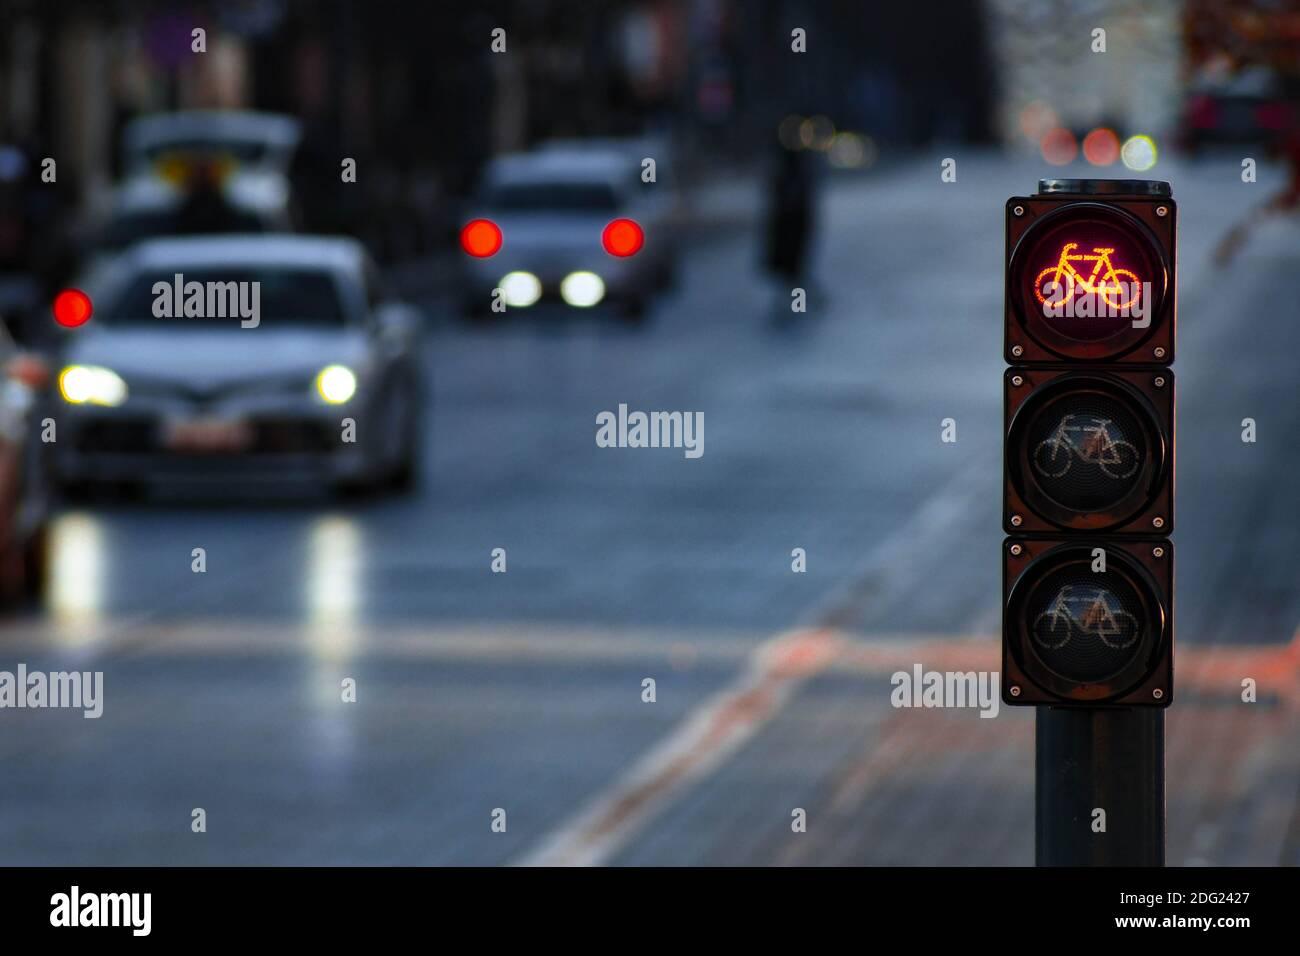 Nachhaltiger Verkehr. Fahrradverkehrssignal, rote Ampel, Stoppschild, Rennrad, kostenlose Fahrradzone oder -Bereich, Bike-Sharing, mit Verkehr im Hintergrund Stockfoto